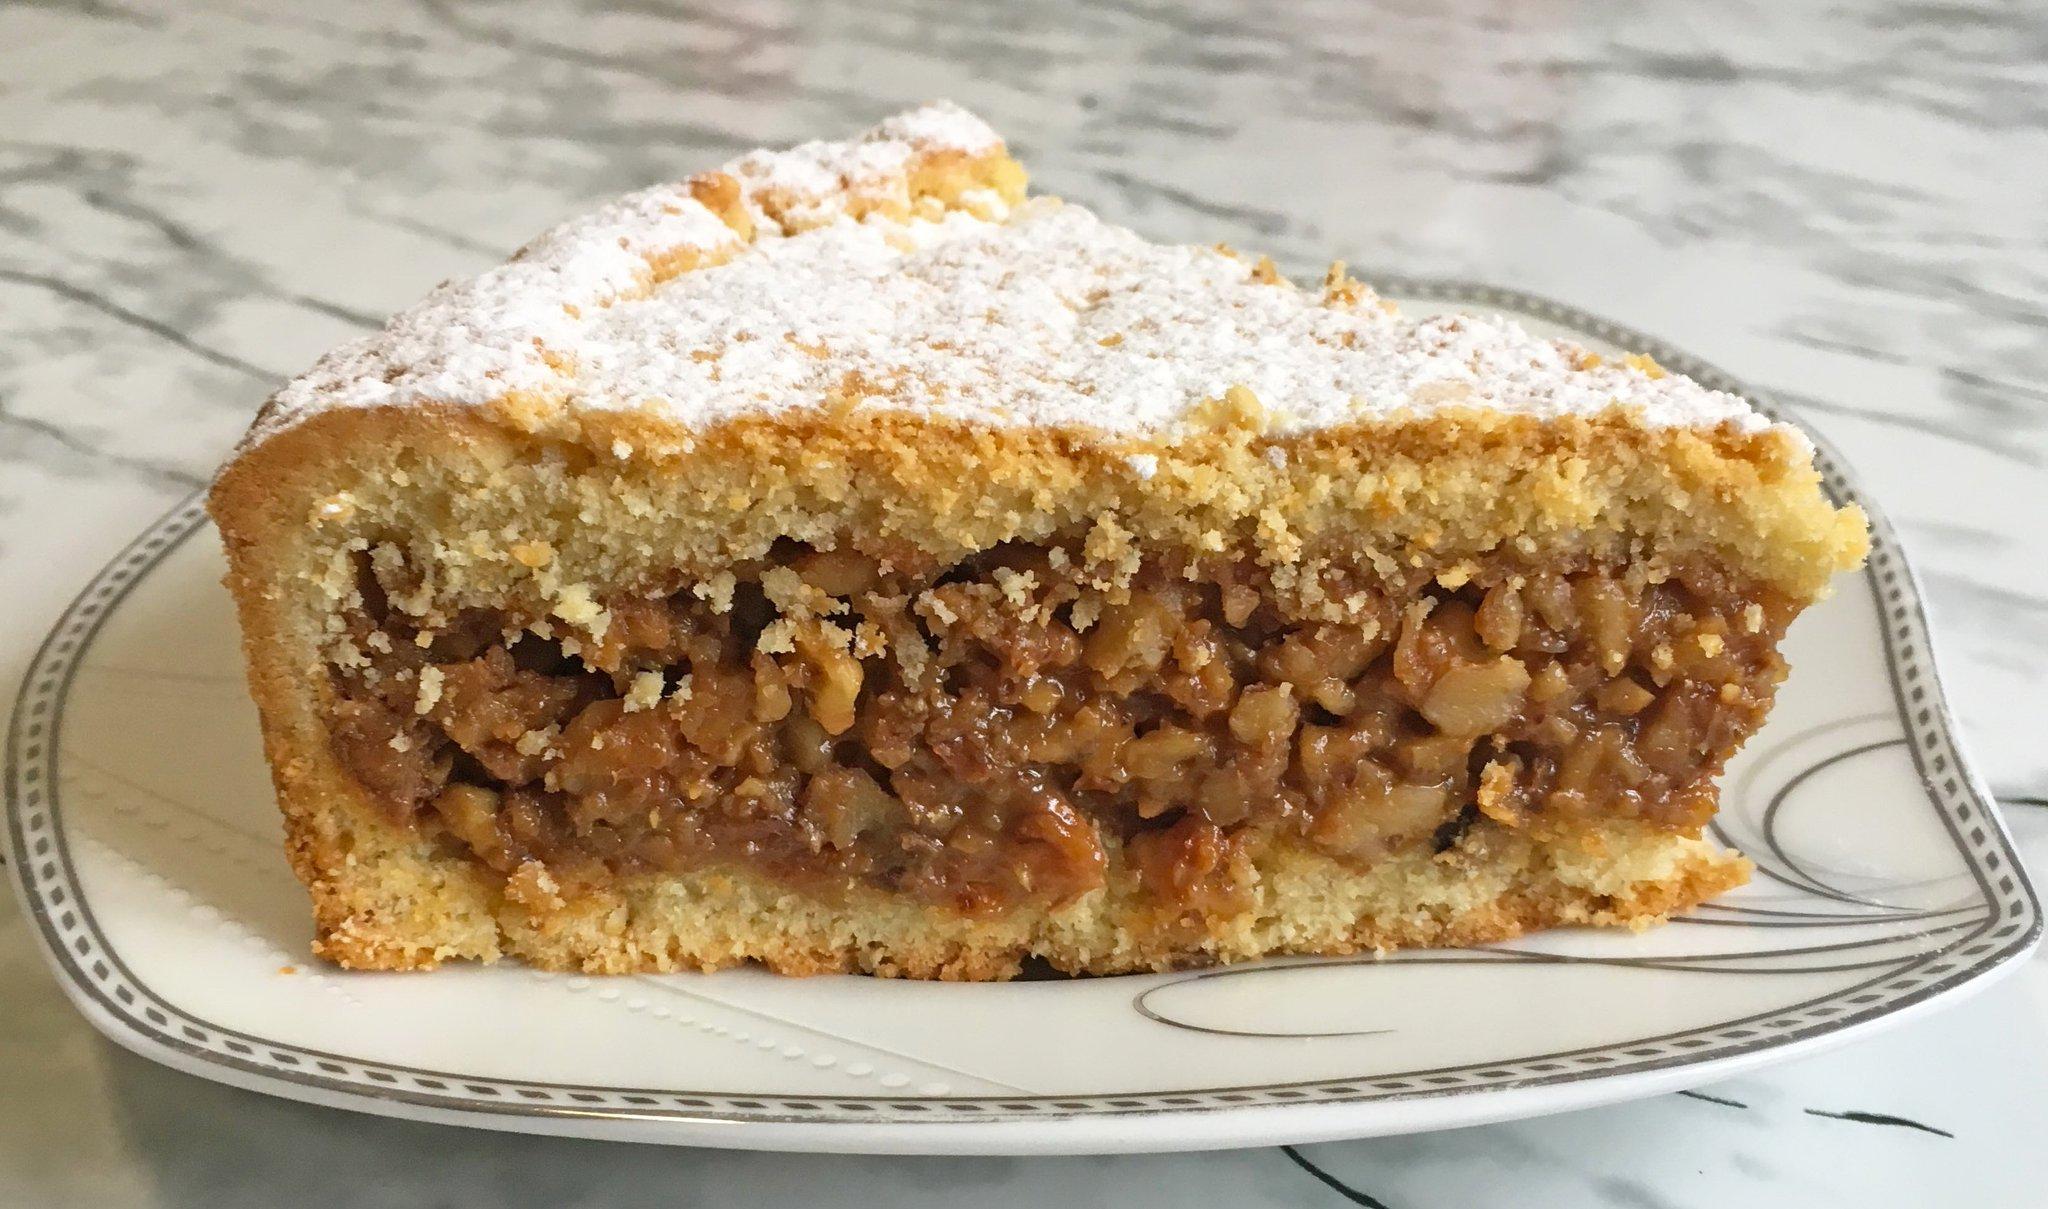 ореховый пирог рецепт с фото пошагово для